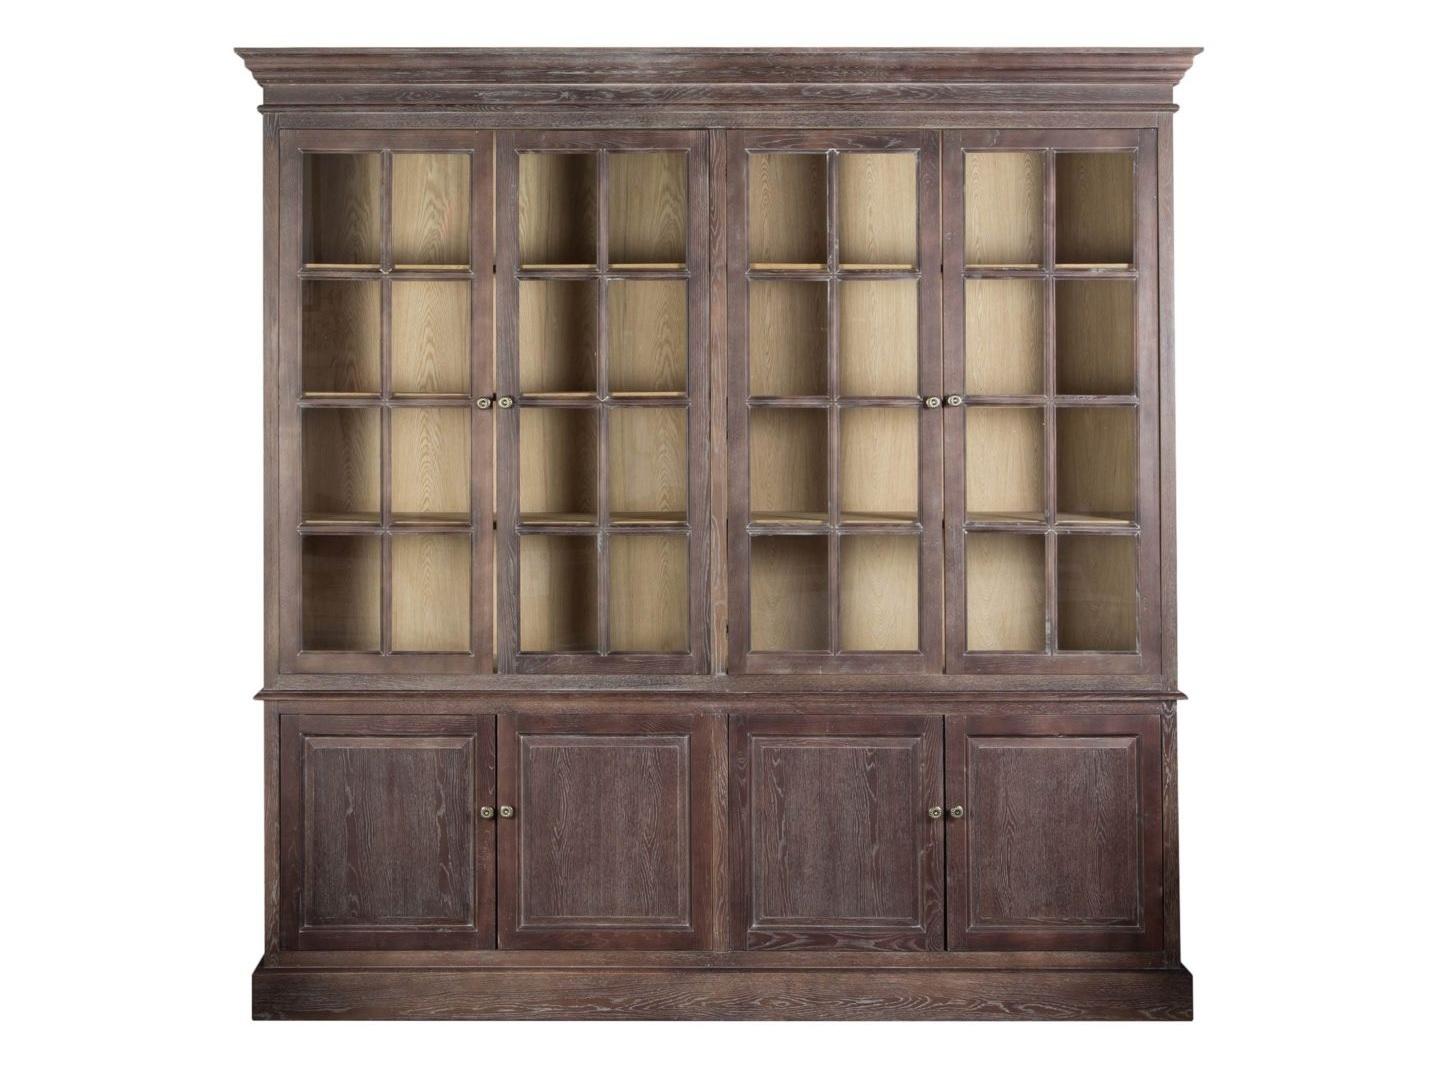 Шкаф кабинетныйКнижные шкафы и библиотеки<br><br><br>Material: Дерево<br>Ширина см: 234<br>Высота см: 231<br>Глубина см: 48